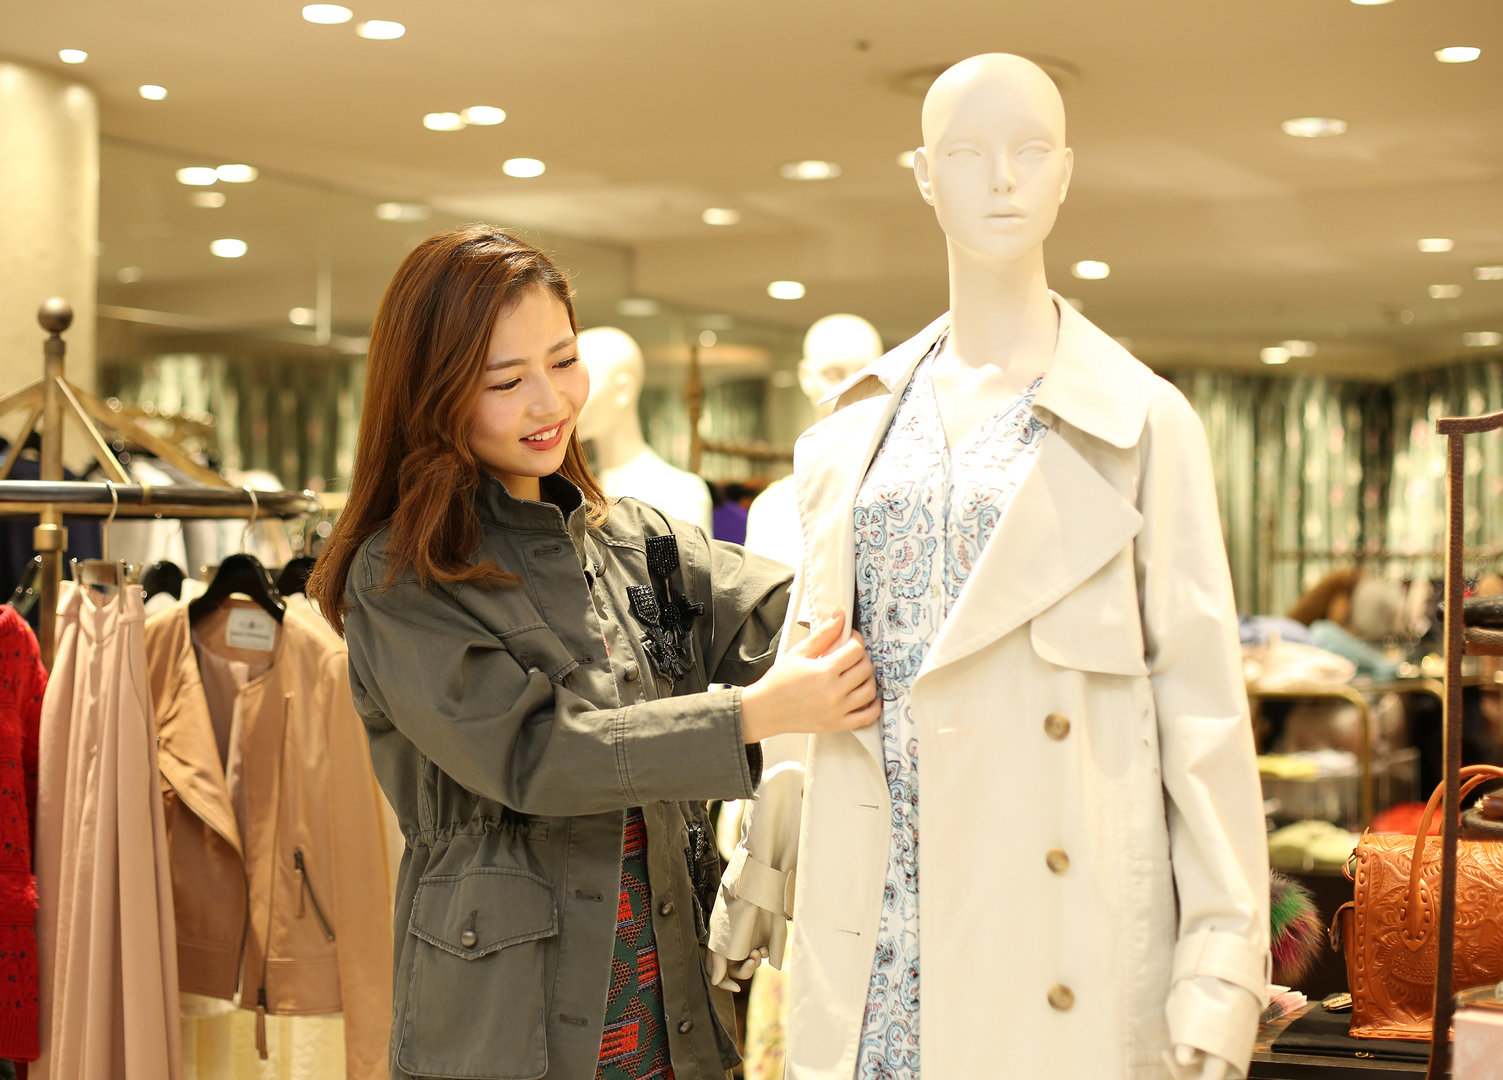 広島|ハイクオリティーブランドで販売職を募集します <未経験OK> のカバー写真